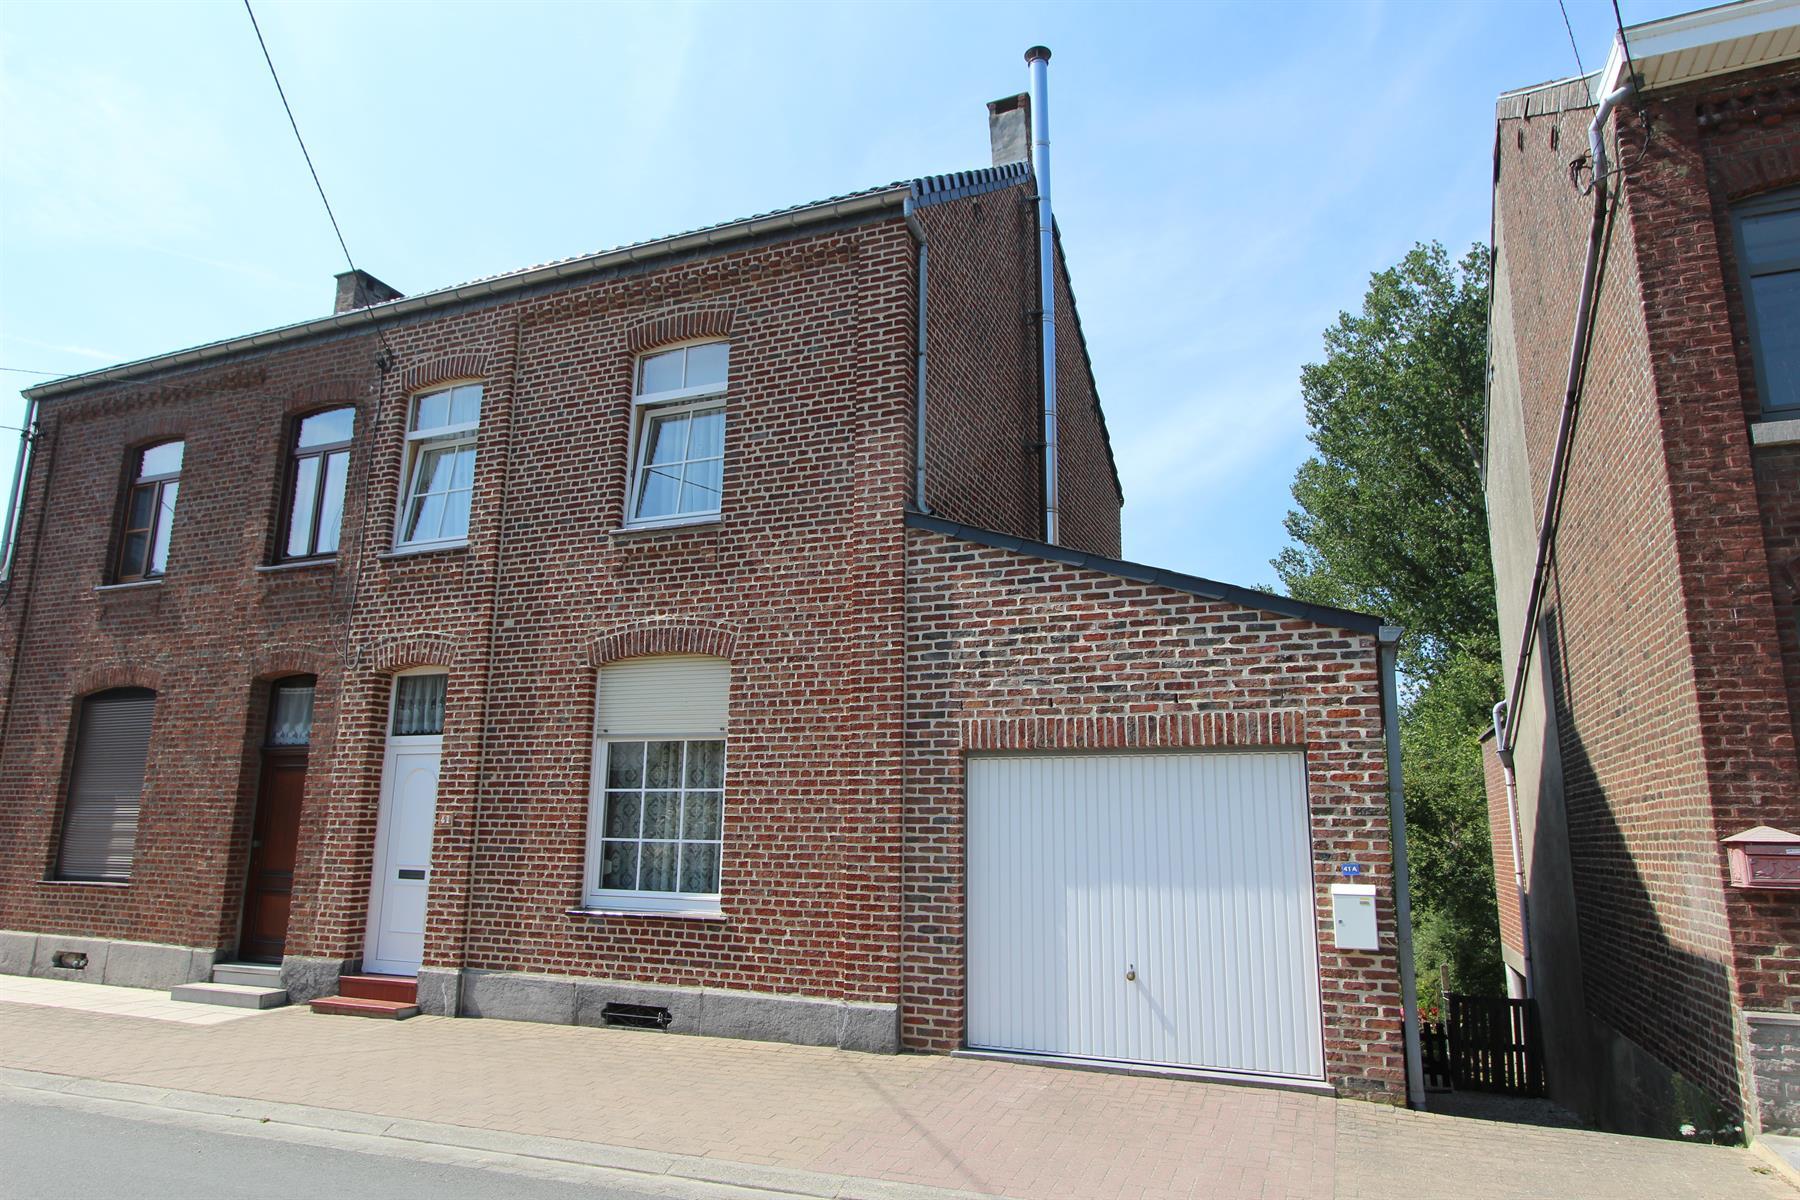 Maison - Villers-la-Ville Tilly - #4077443-0